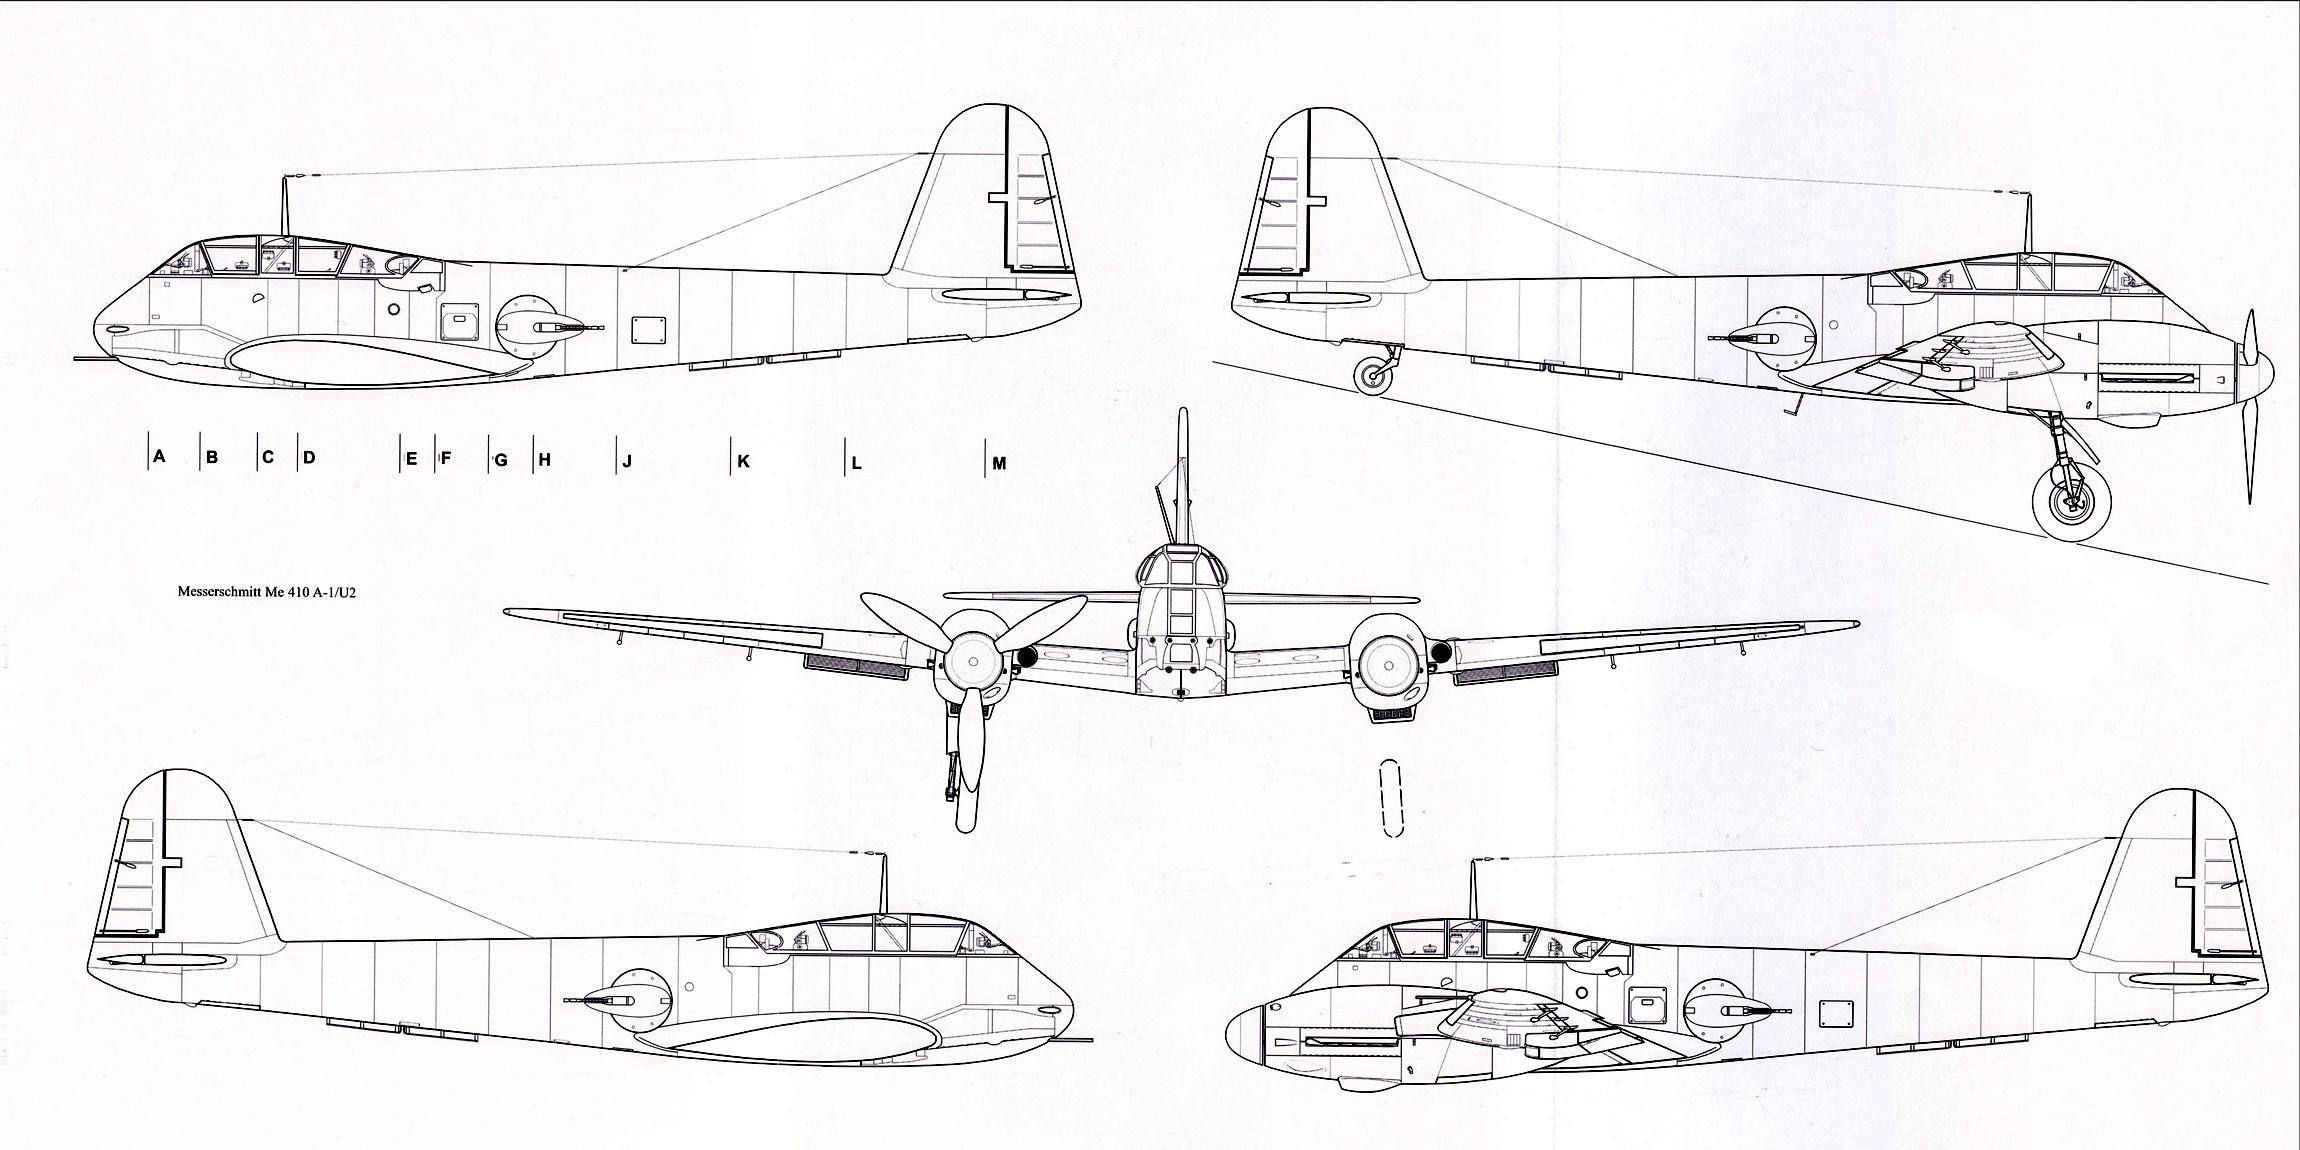 Messerschmitt Me 410A1 Hornisse 1 72 scale Line drawing 02